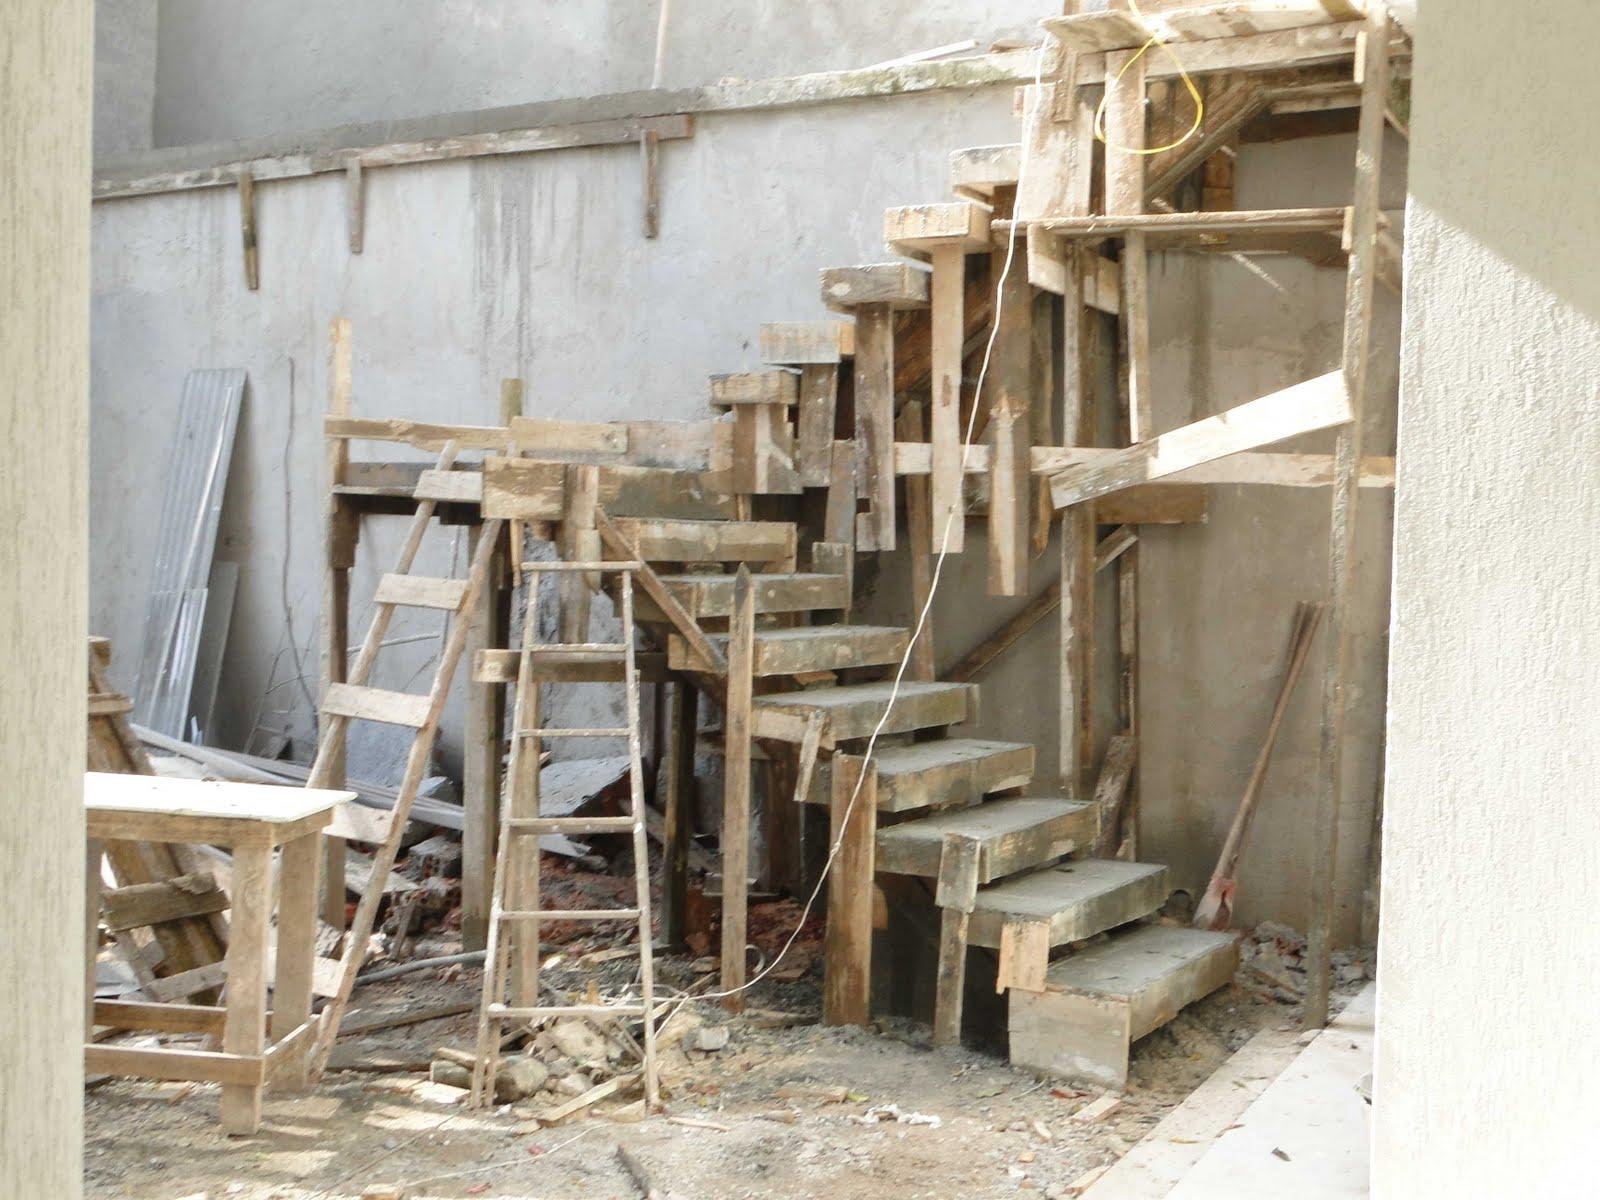 Fantachole nova casa em Curitiba: Nossa casa tudo pronto passo a  #5F4D36 1600 1200